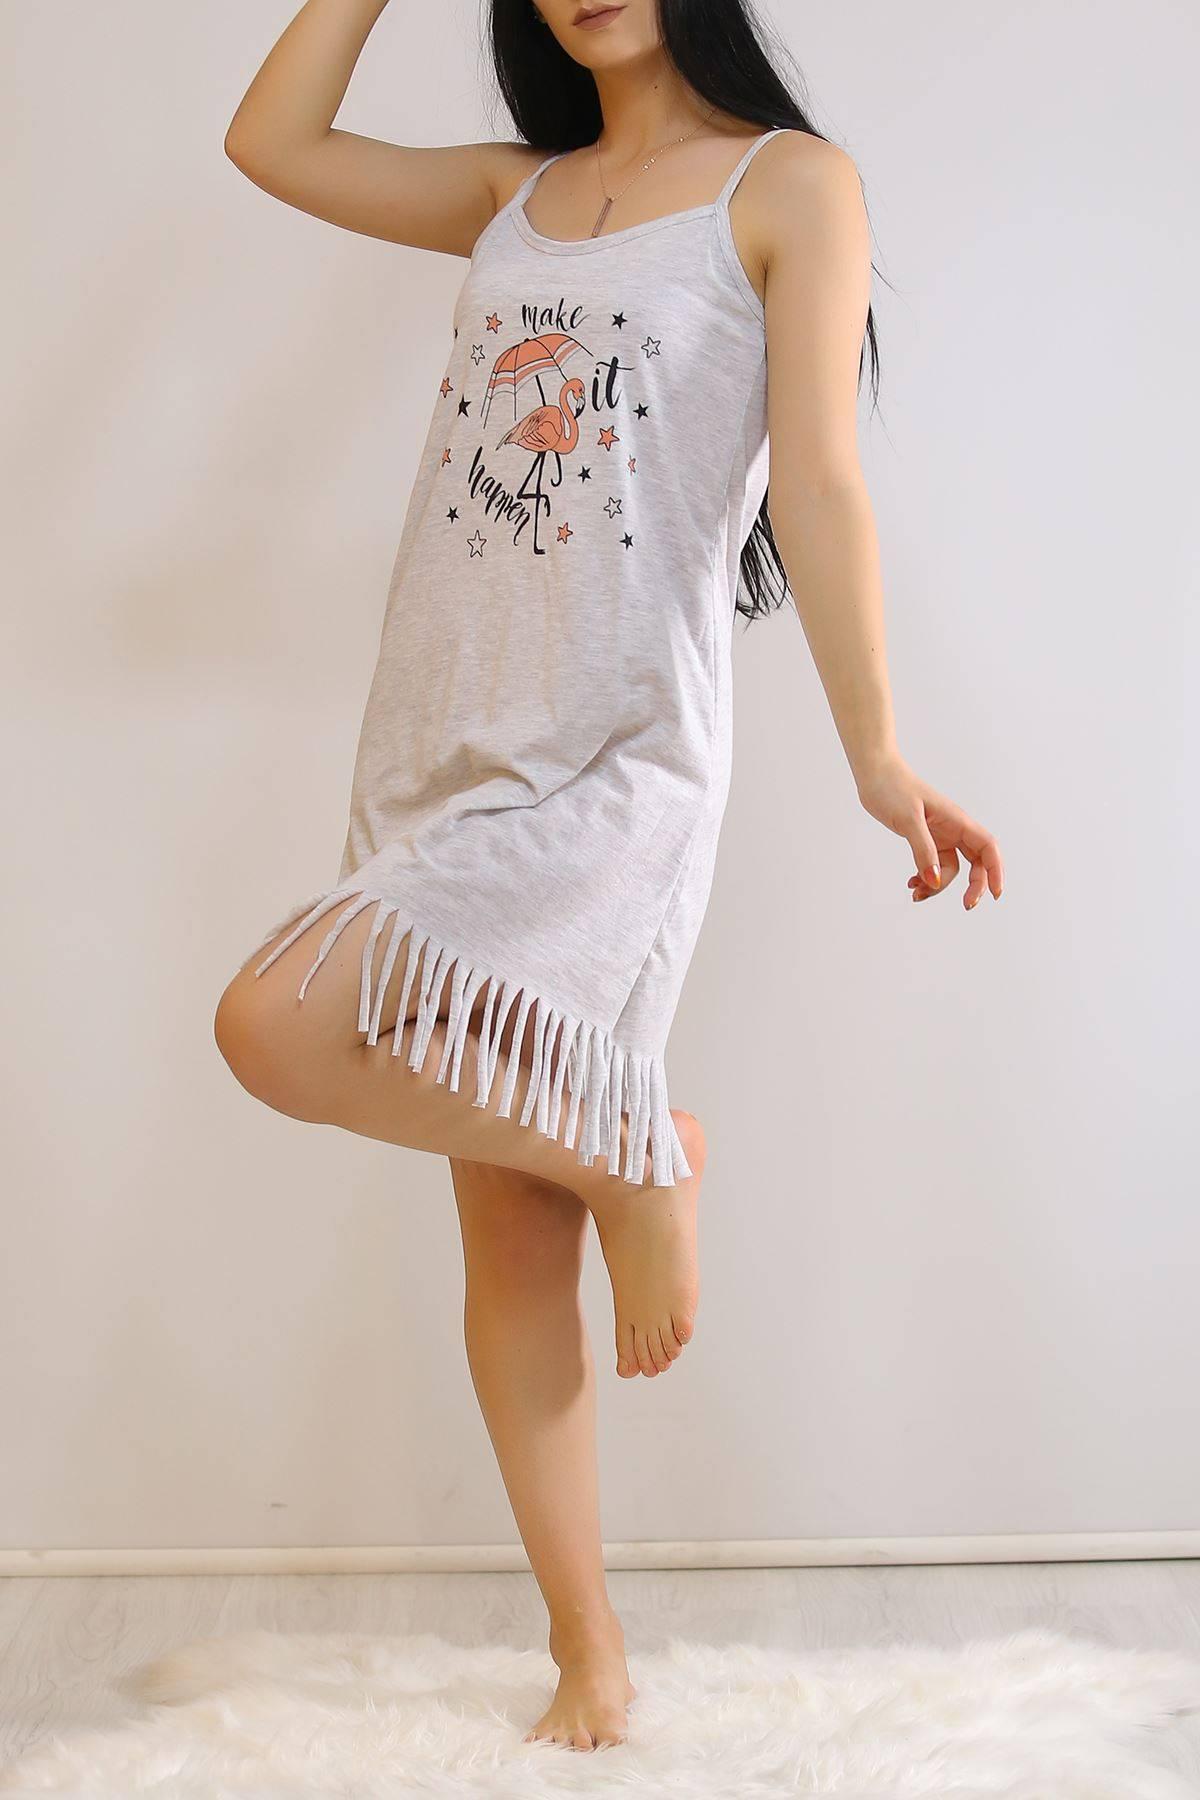 İp Askılı Elbise Gri - 5996.1287.